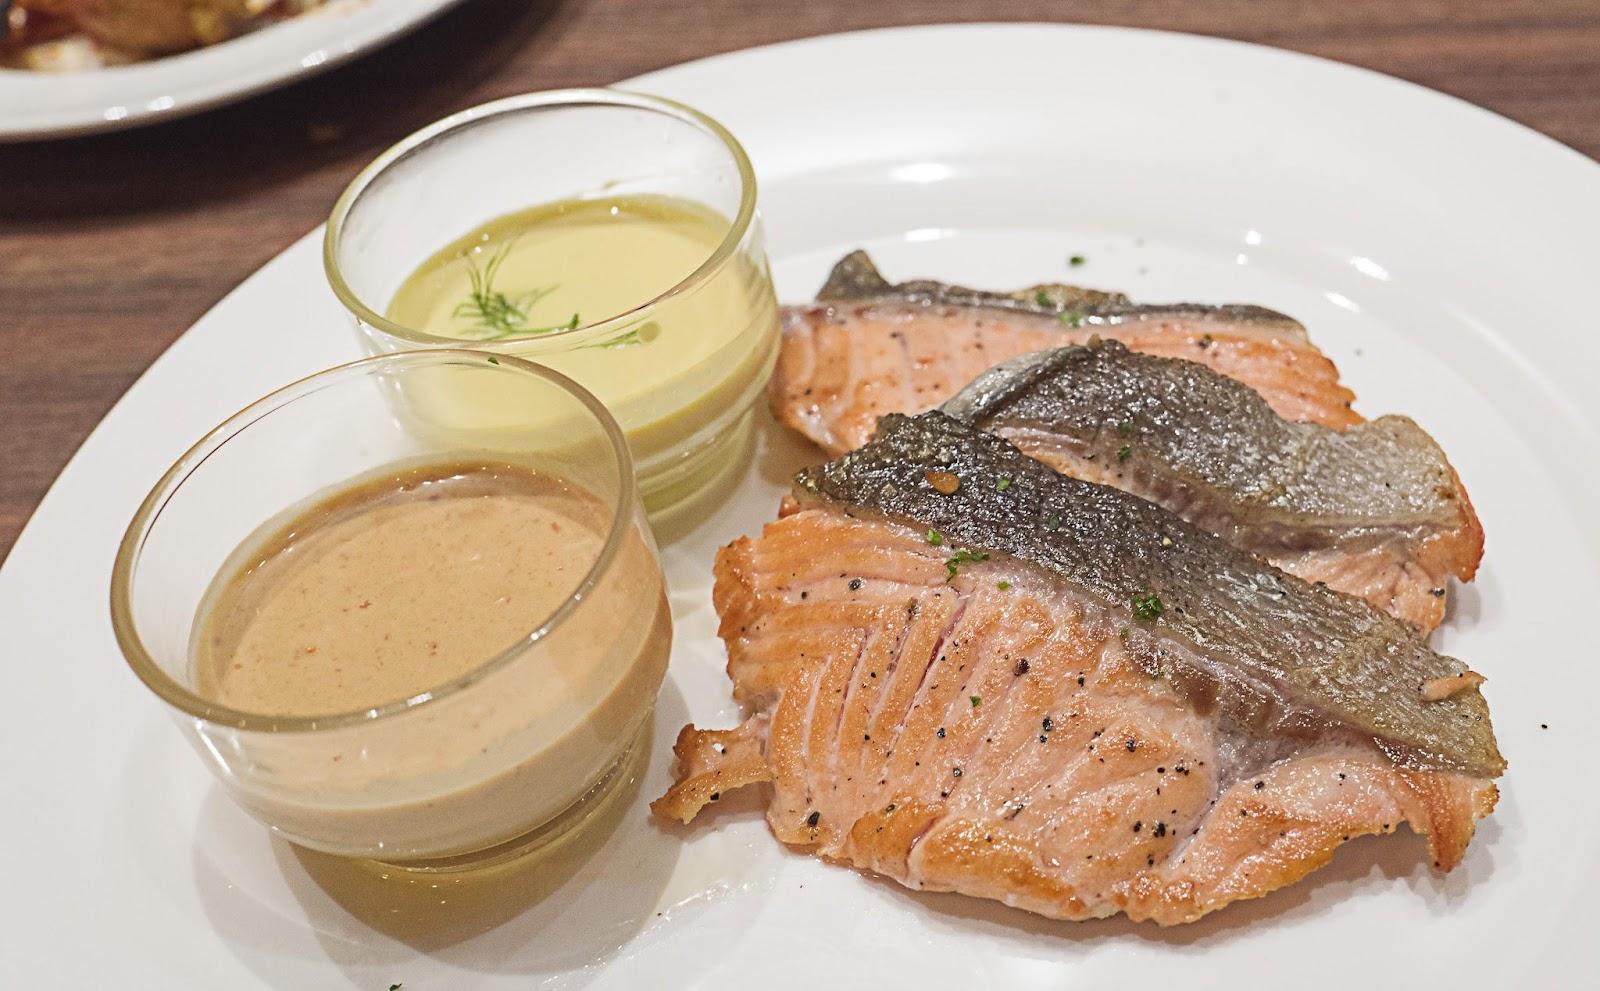 f-salmon-L1100587.jpg